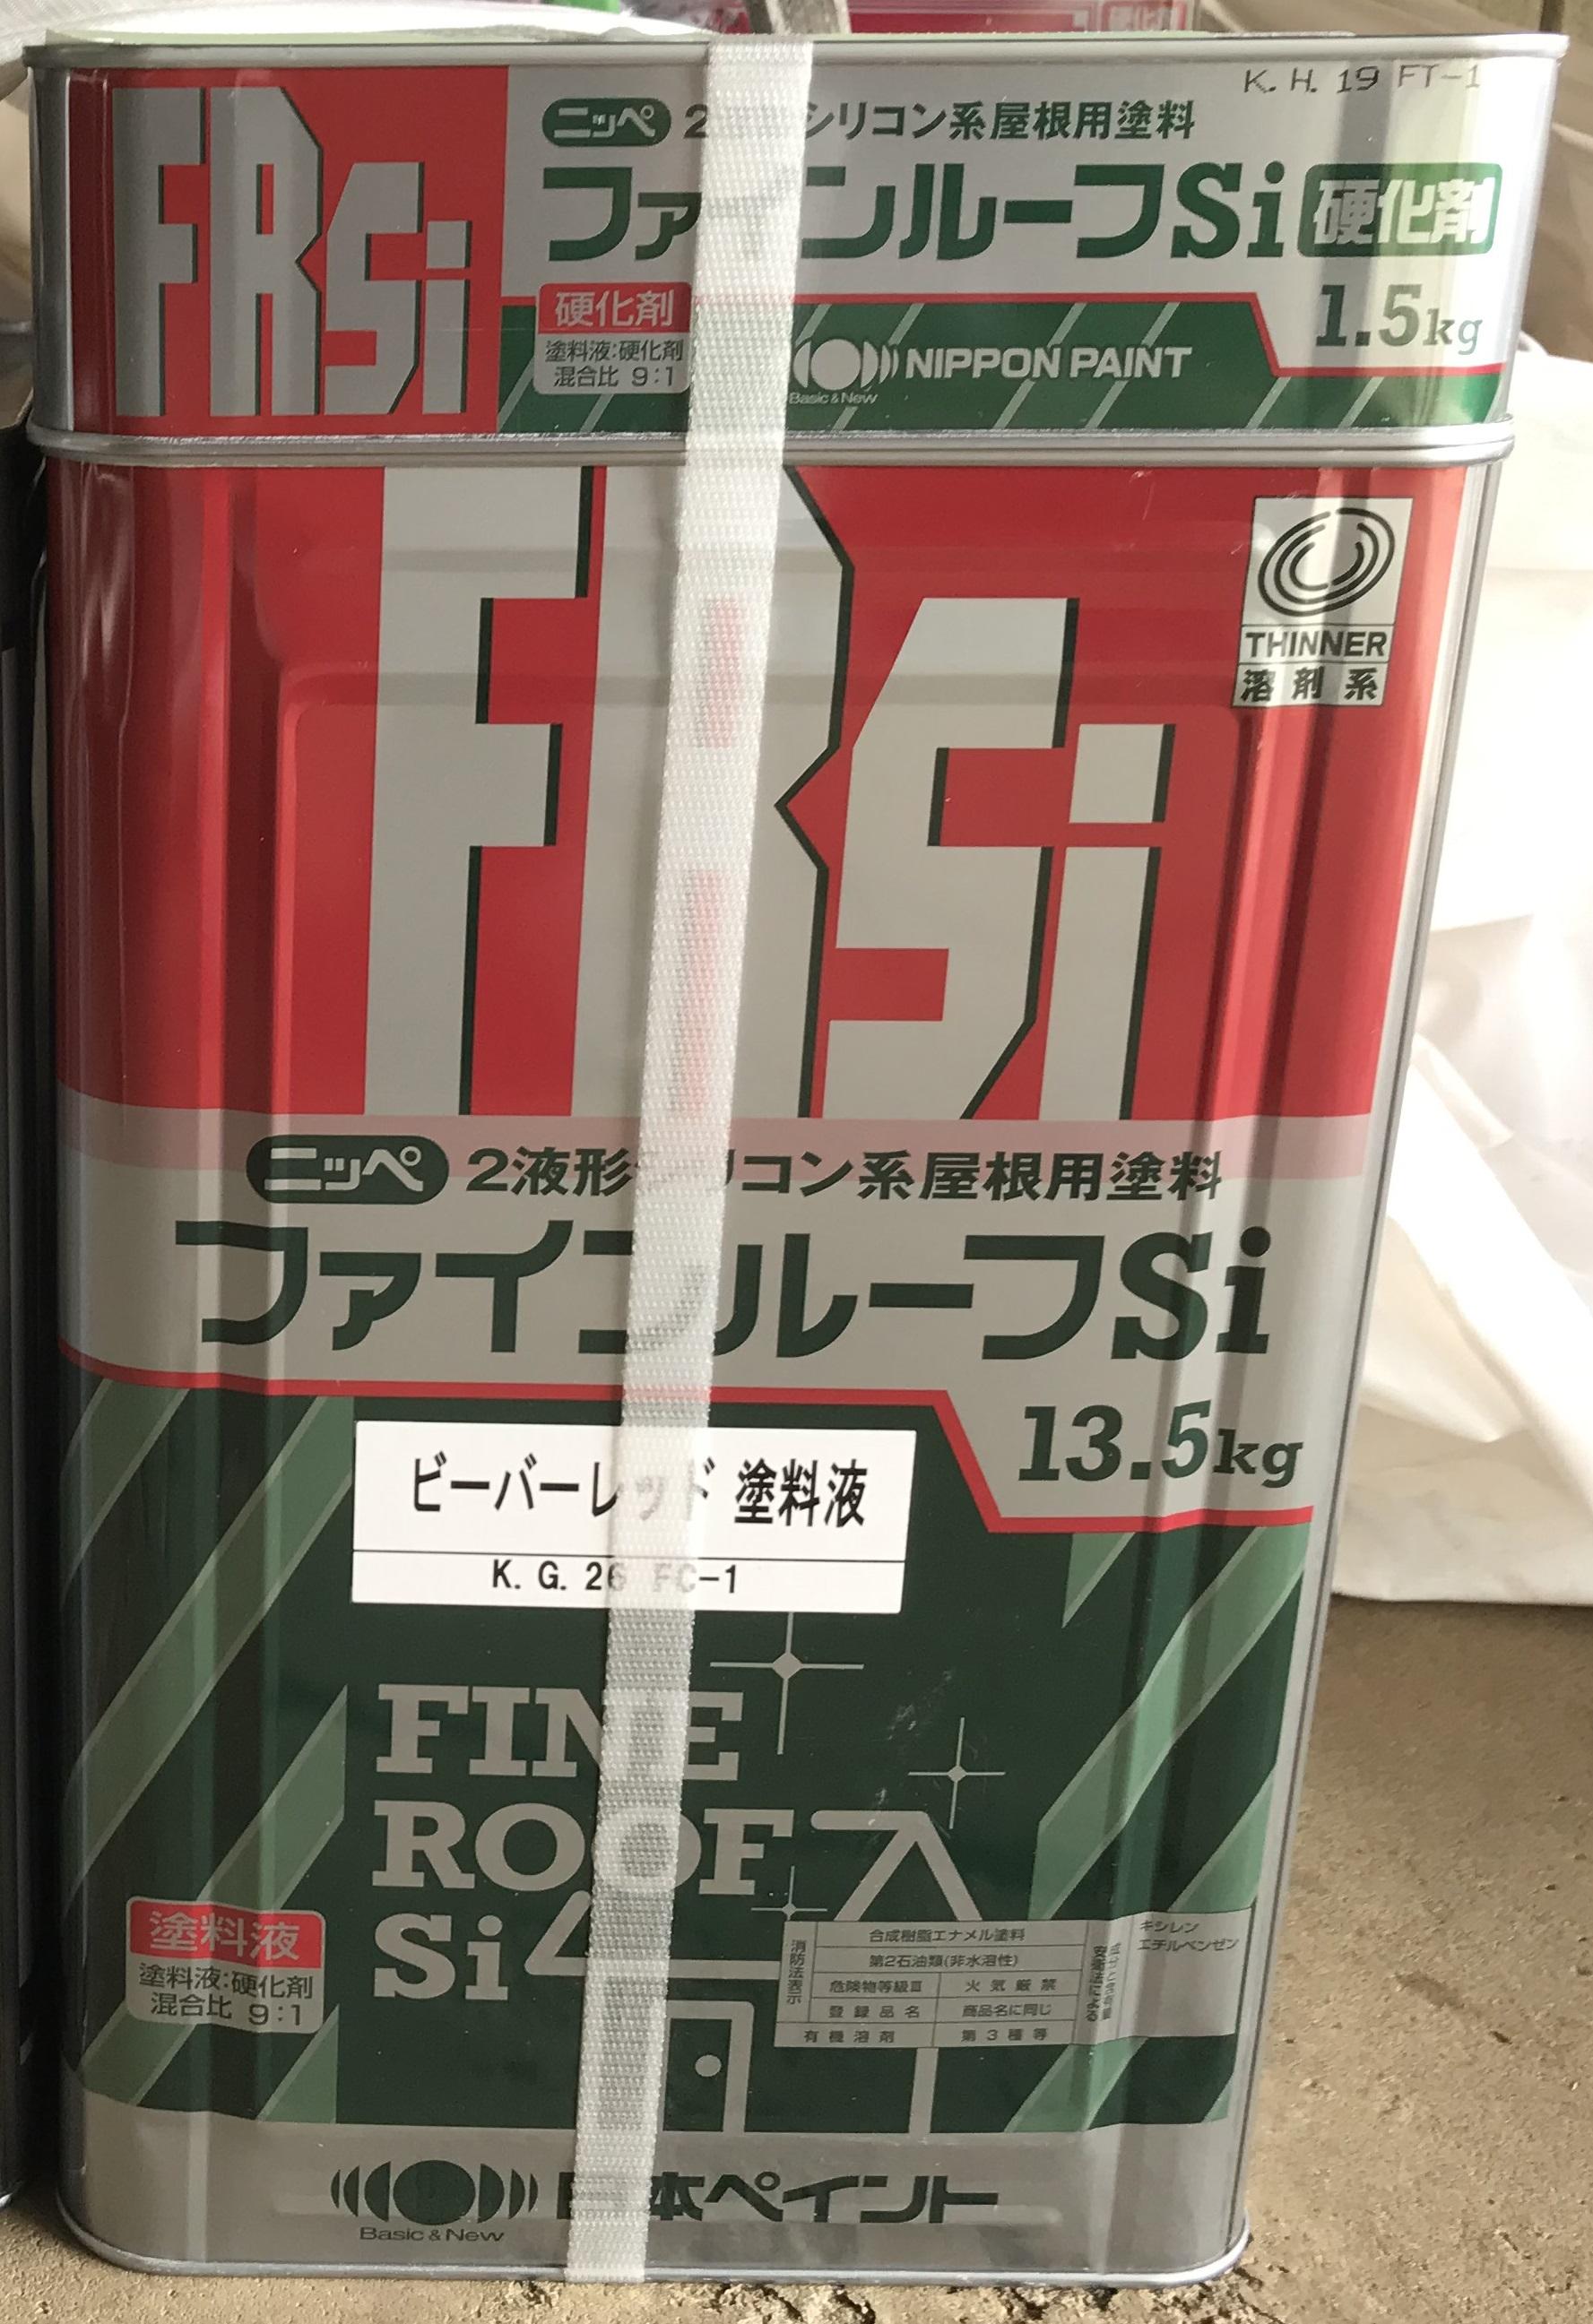 トタン屋根塗装に使用したファインルーフSi